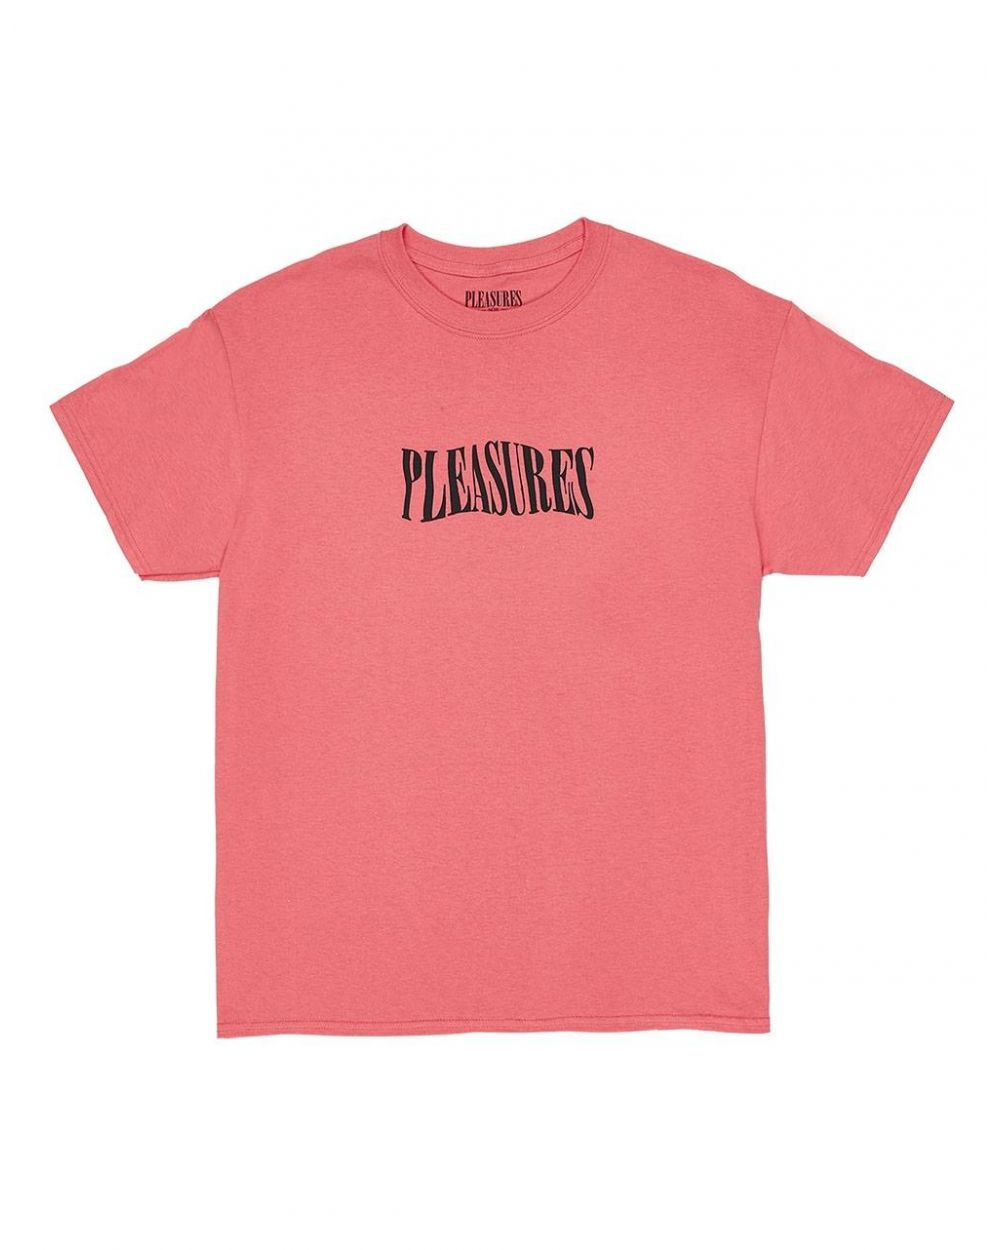 Pleasures Party logo t-shirt - coral Pleasures T-shirt 56,00€